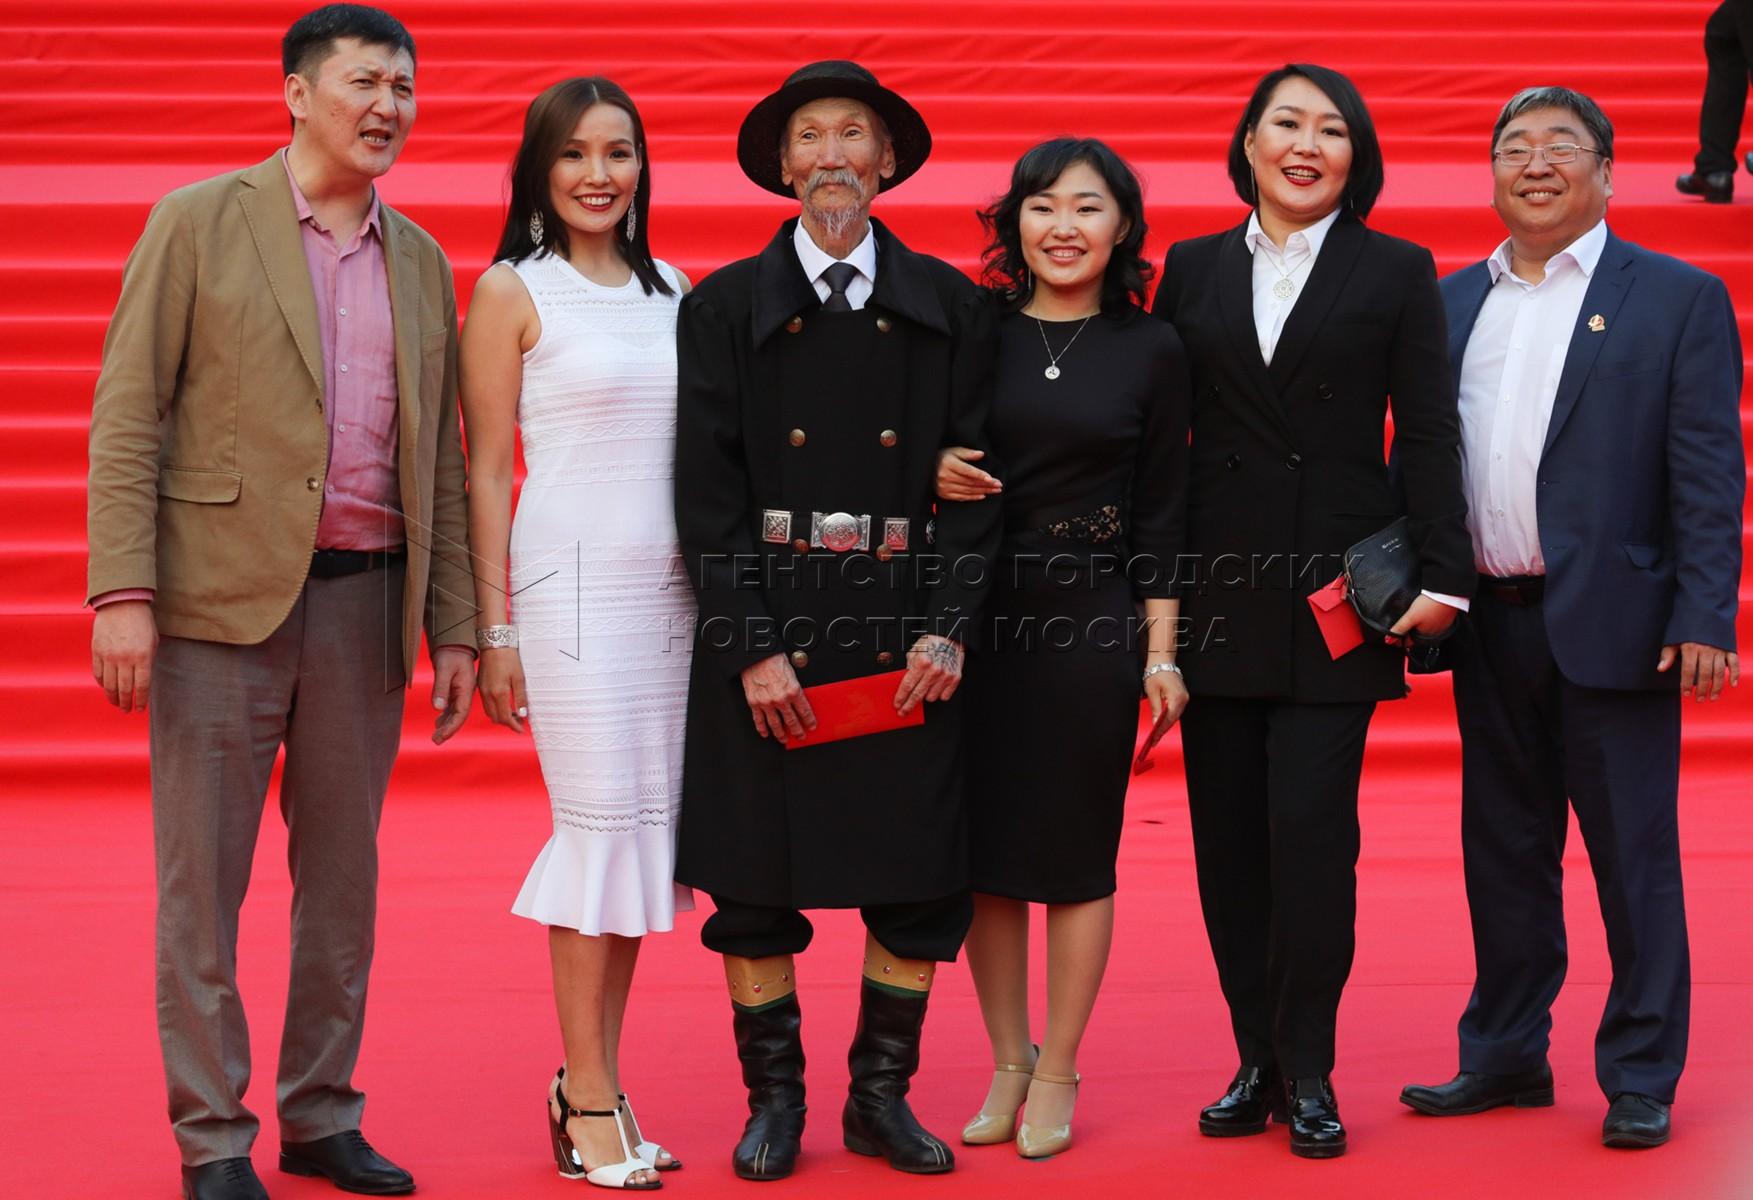 Съемочная группа фильма «Надо мною солнце не садится» на церемонии закрытия 41-го Московского международного кинофестиваля.